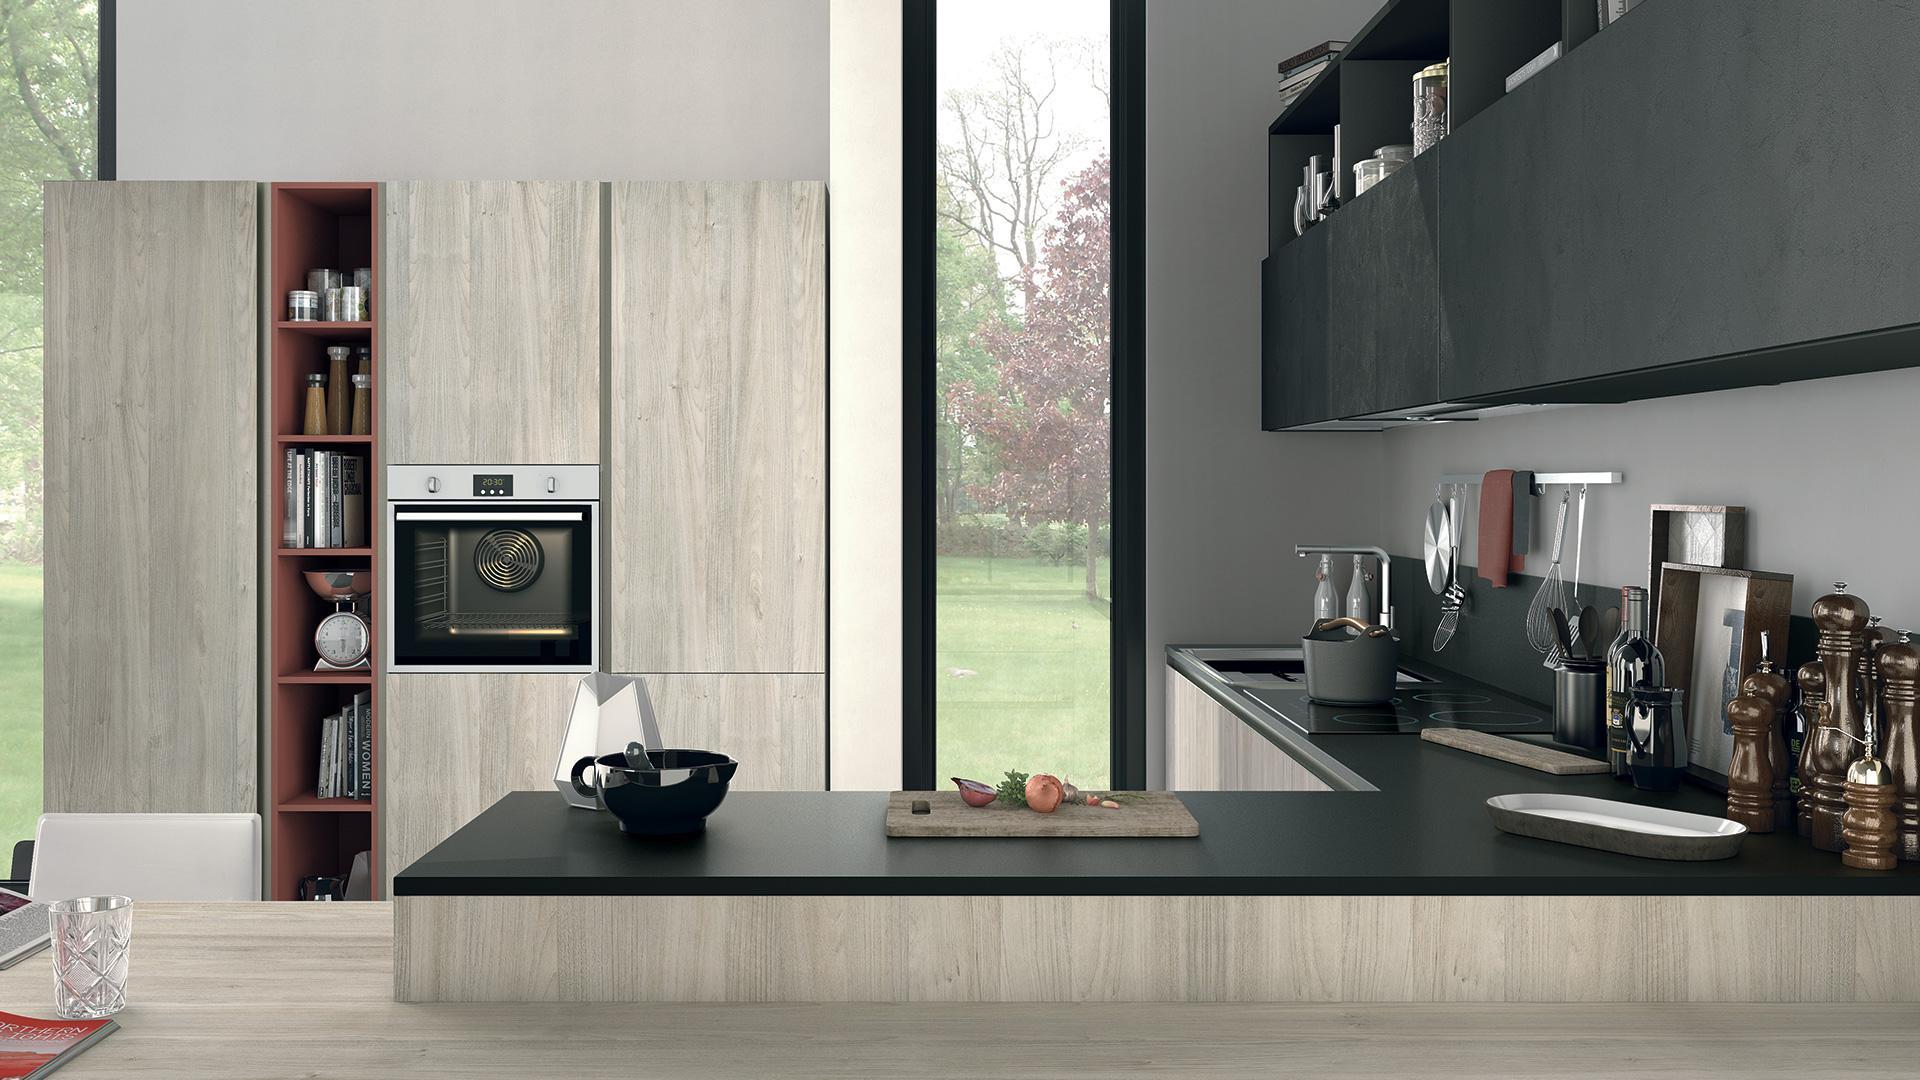 Rizzo Arreda Lube Arredamenti Paderno Dugnano | Cucine Moderna Immagina